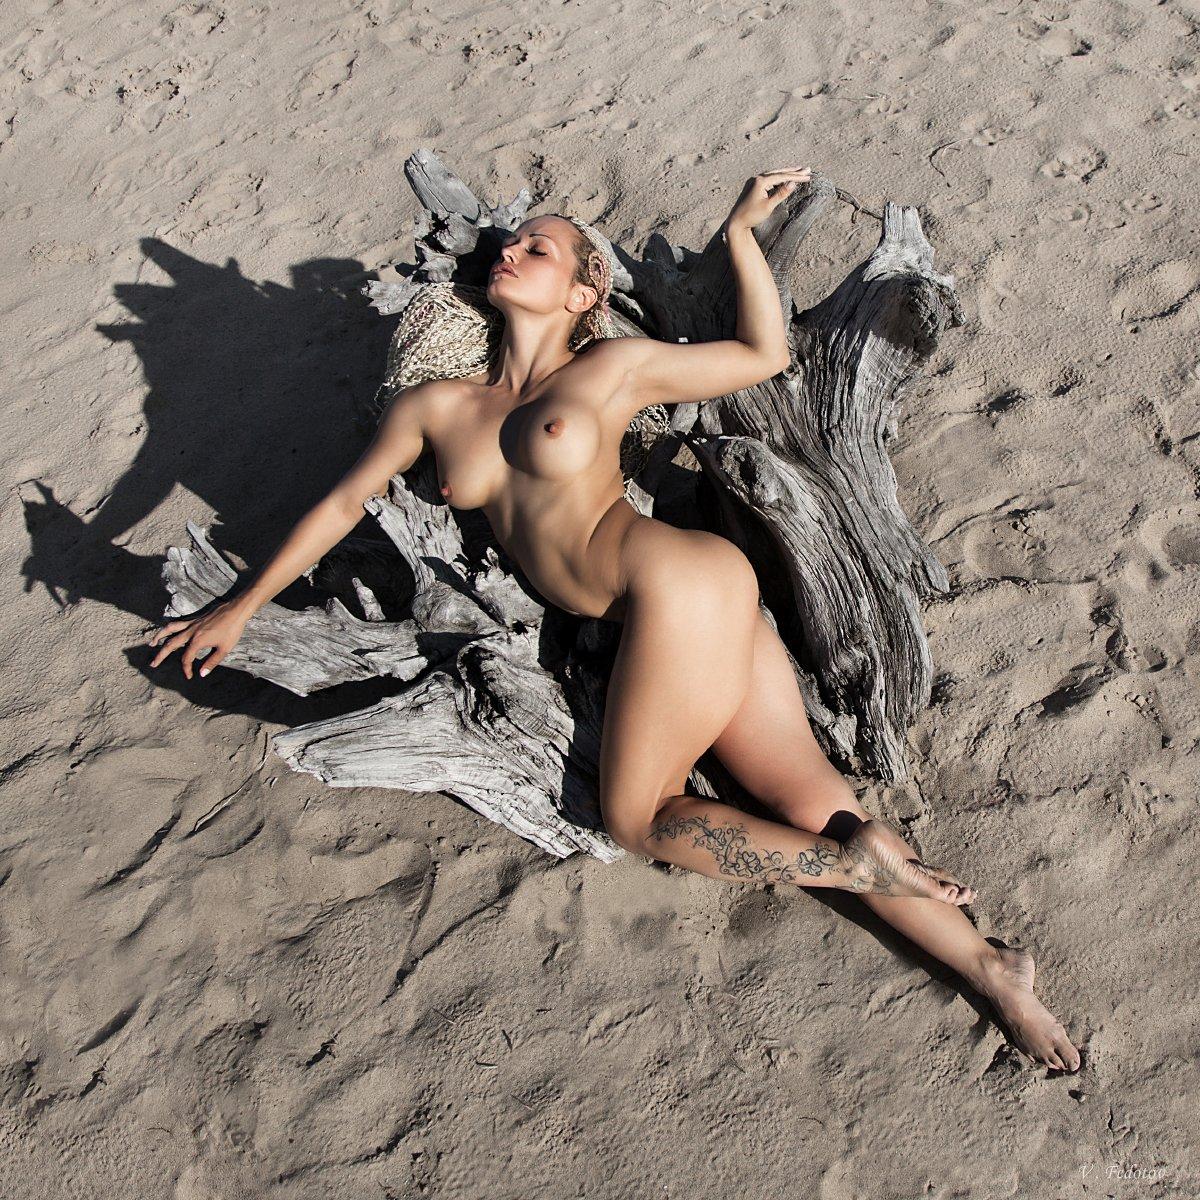 фото , цвет , ню , девушка , дреды , песок , дерево , монстр, Федотов Вадим(Vadius)